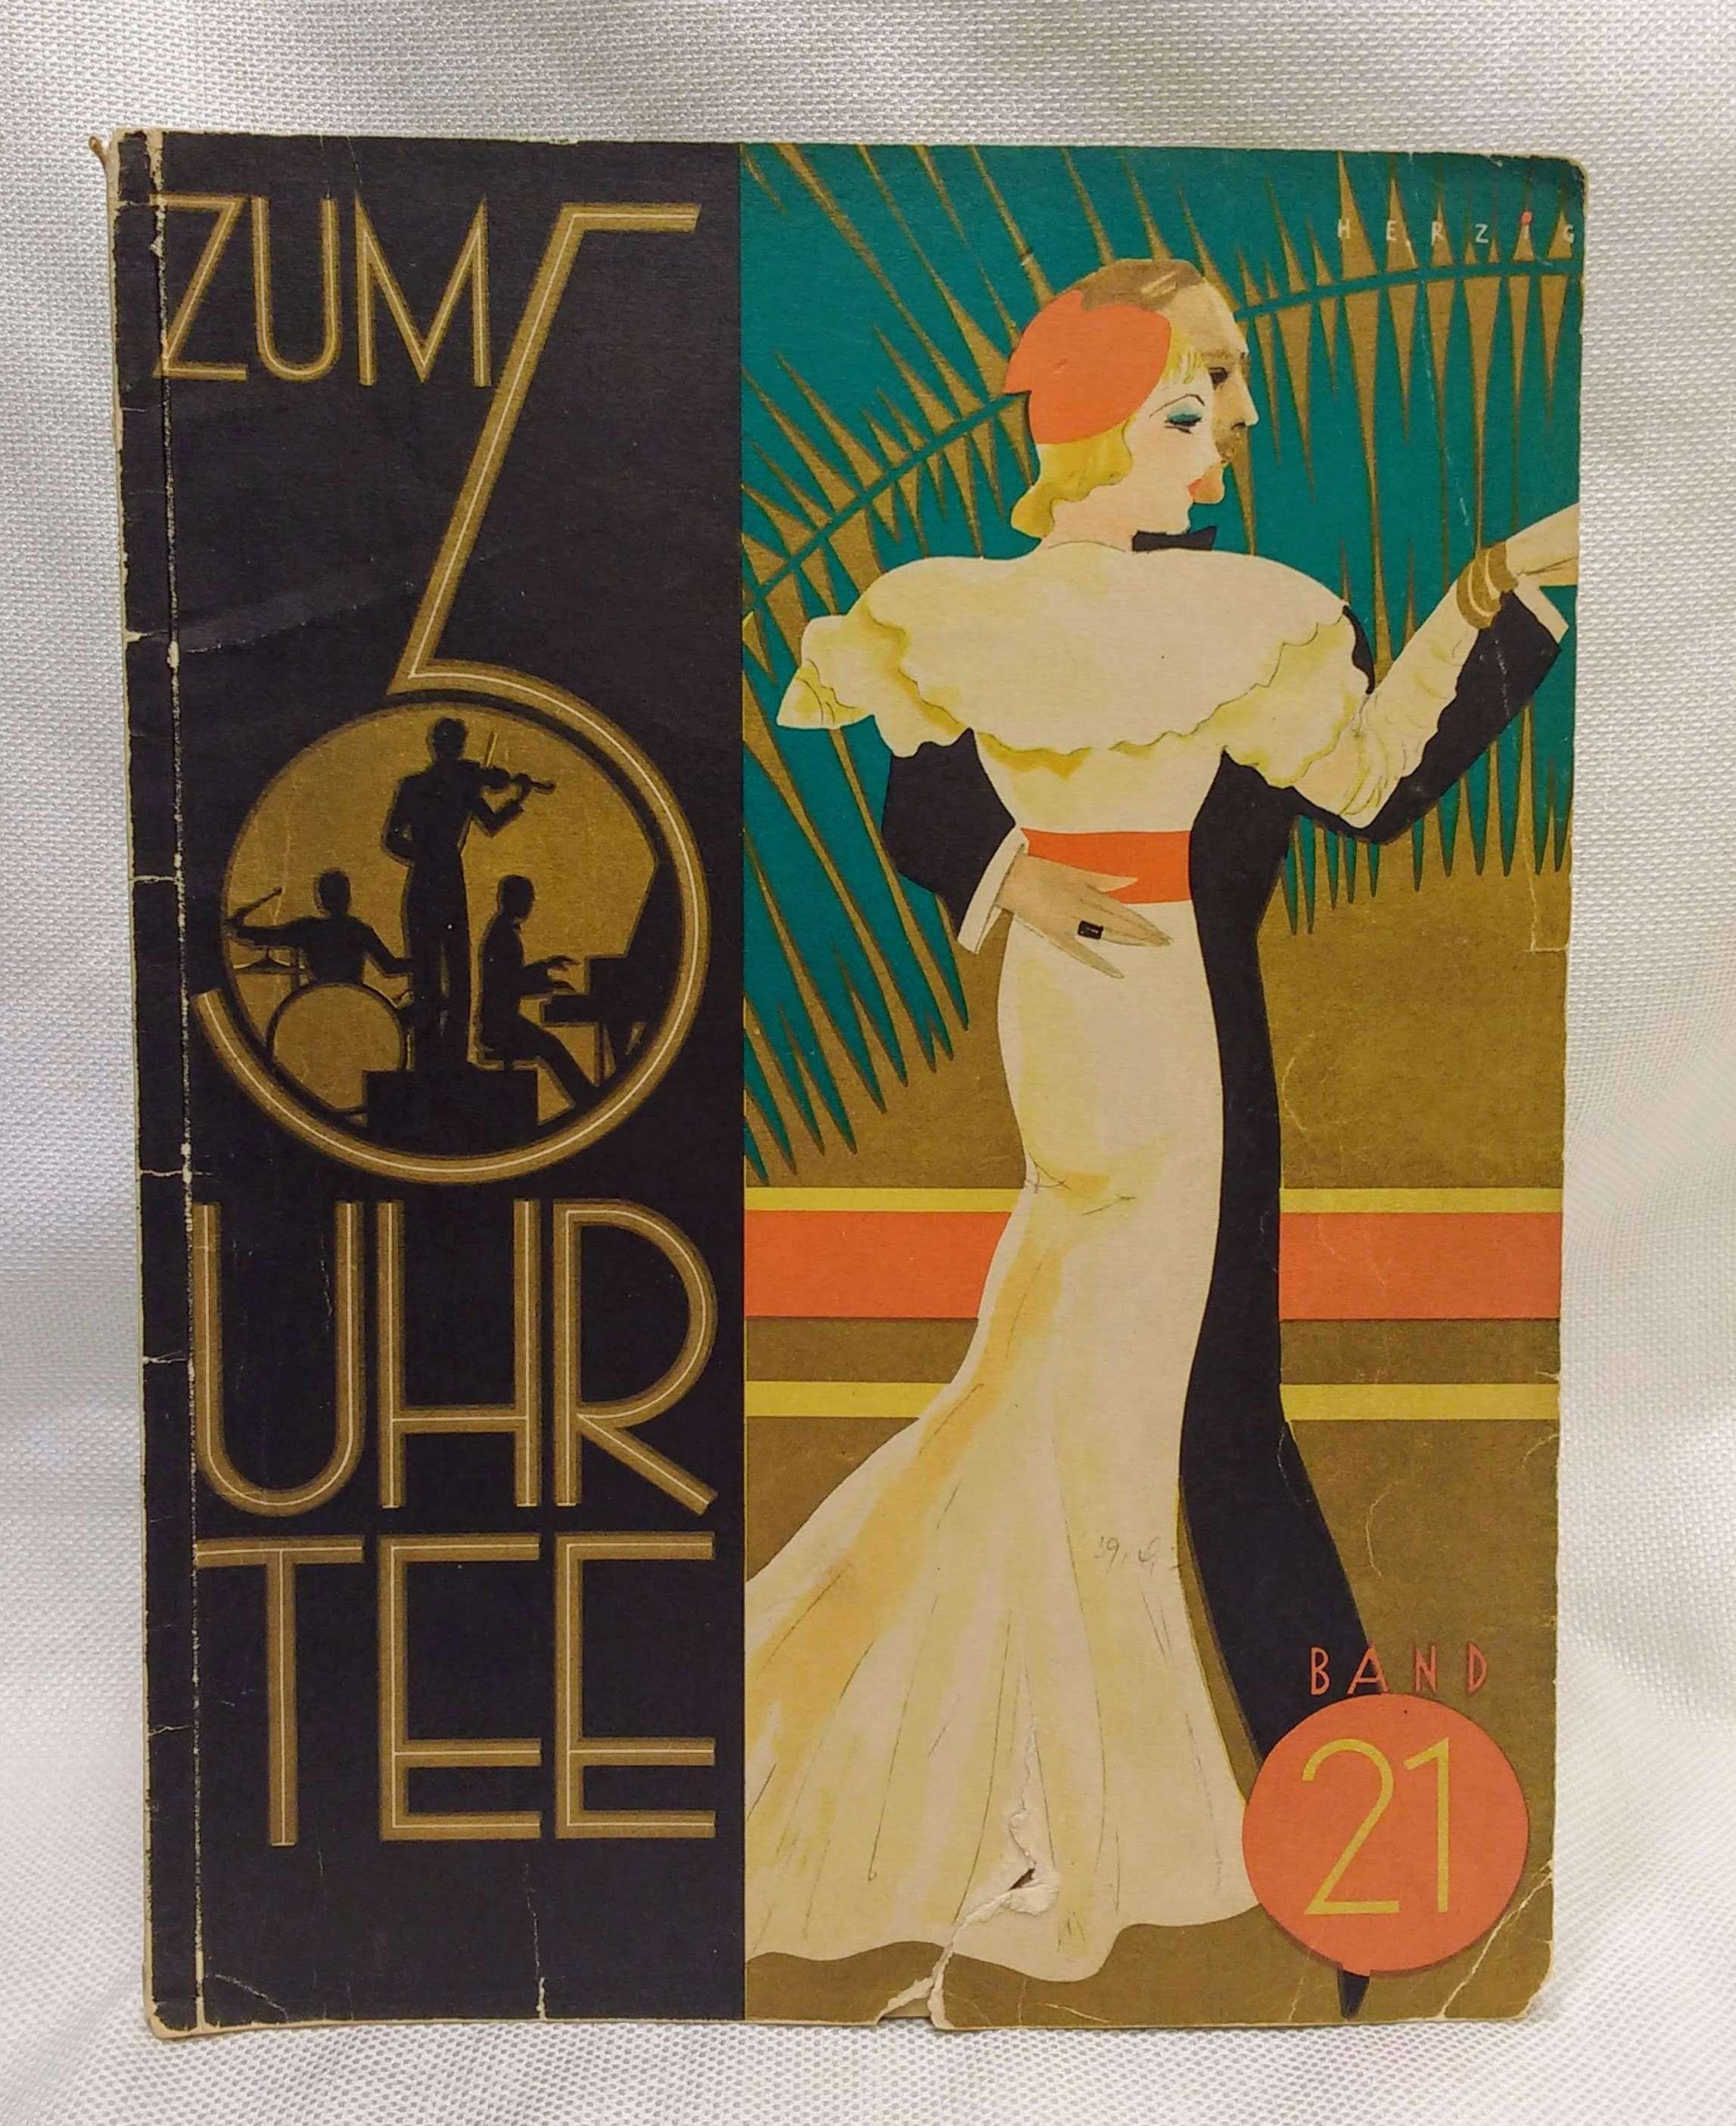 [music] Zum Uhr Tee Band 21 22 Der Bekanntesten Tonfilm-Und Tanz-Schlager